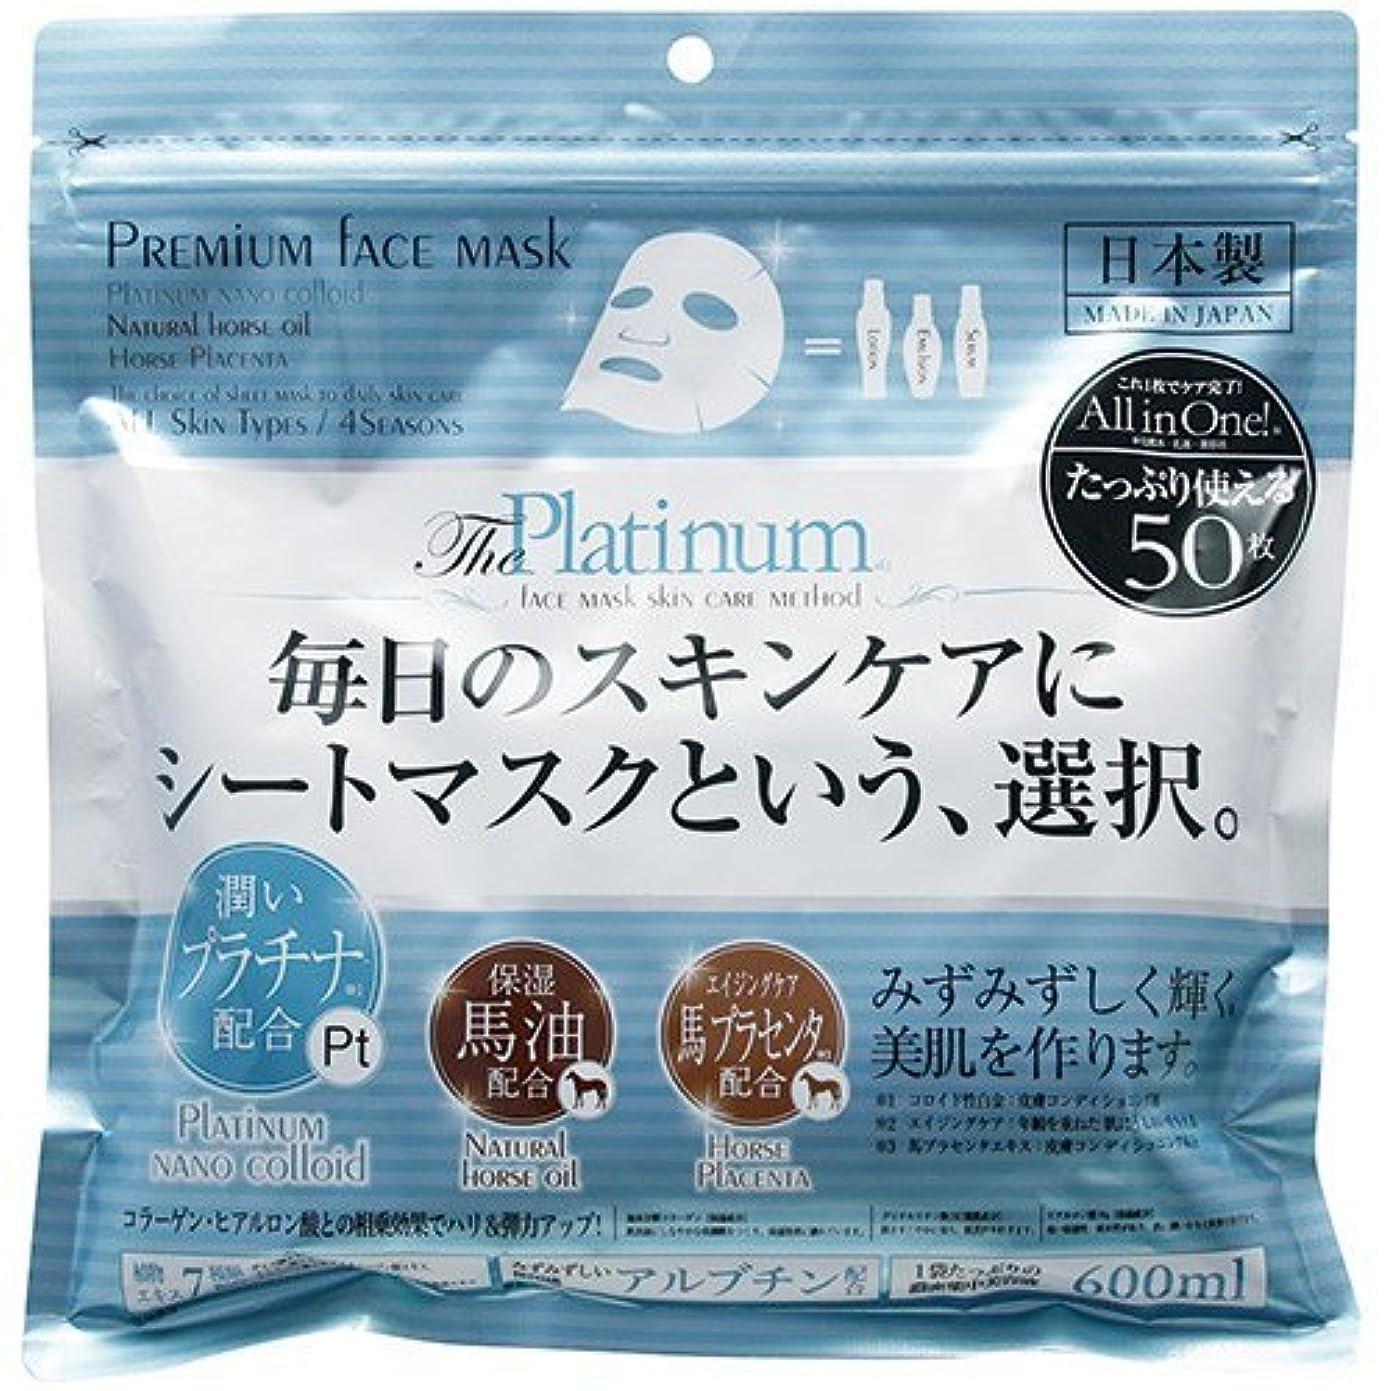 【進製作所】プレミアムフェイスマスク プラチナ 50枚 ×10個セット